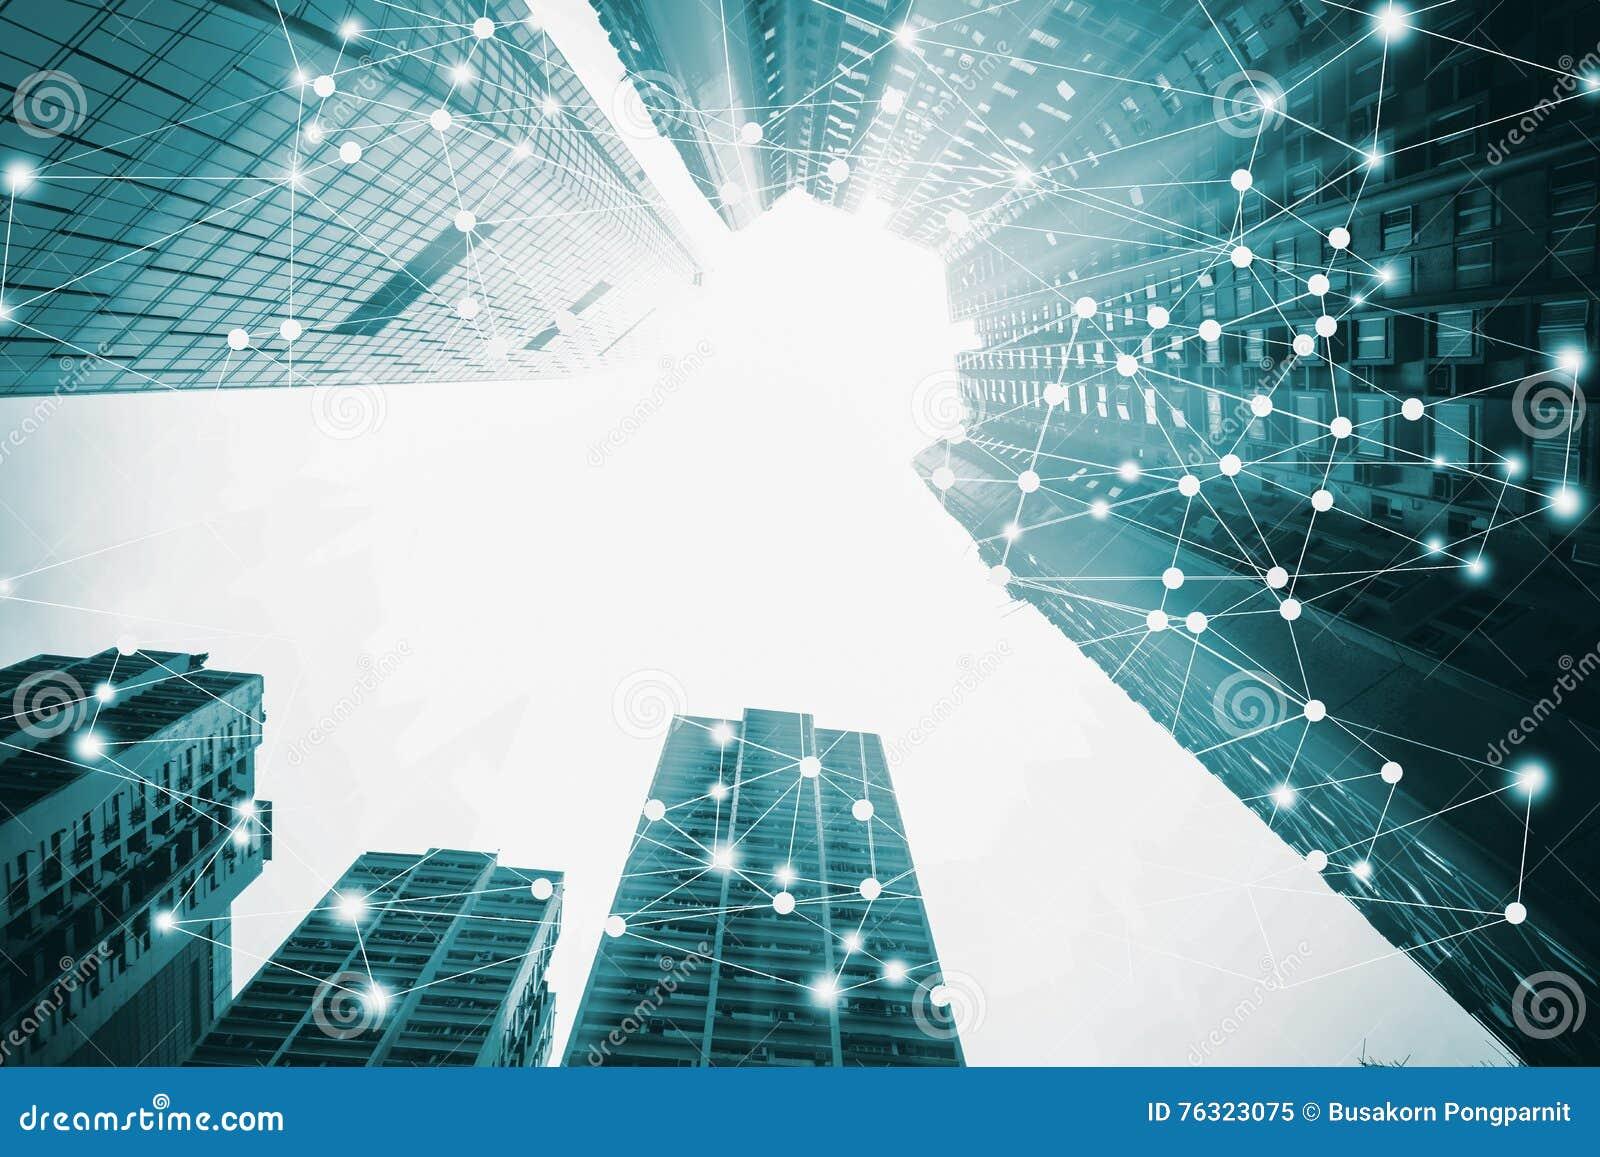 Умные город и интернет вещей